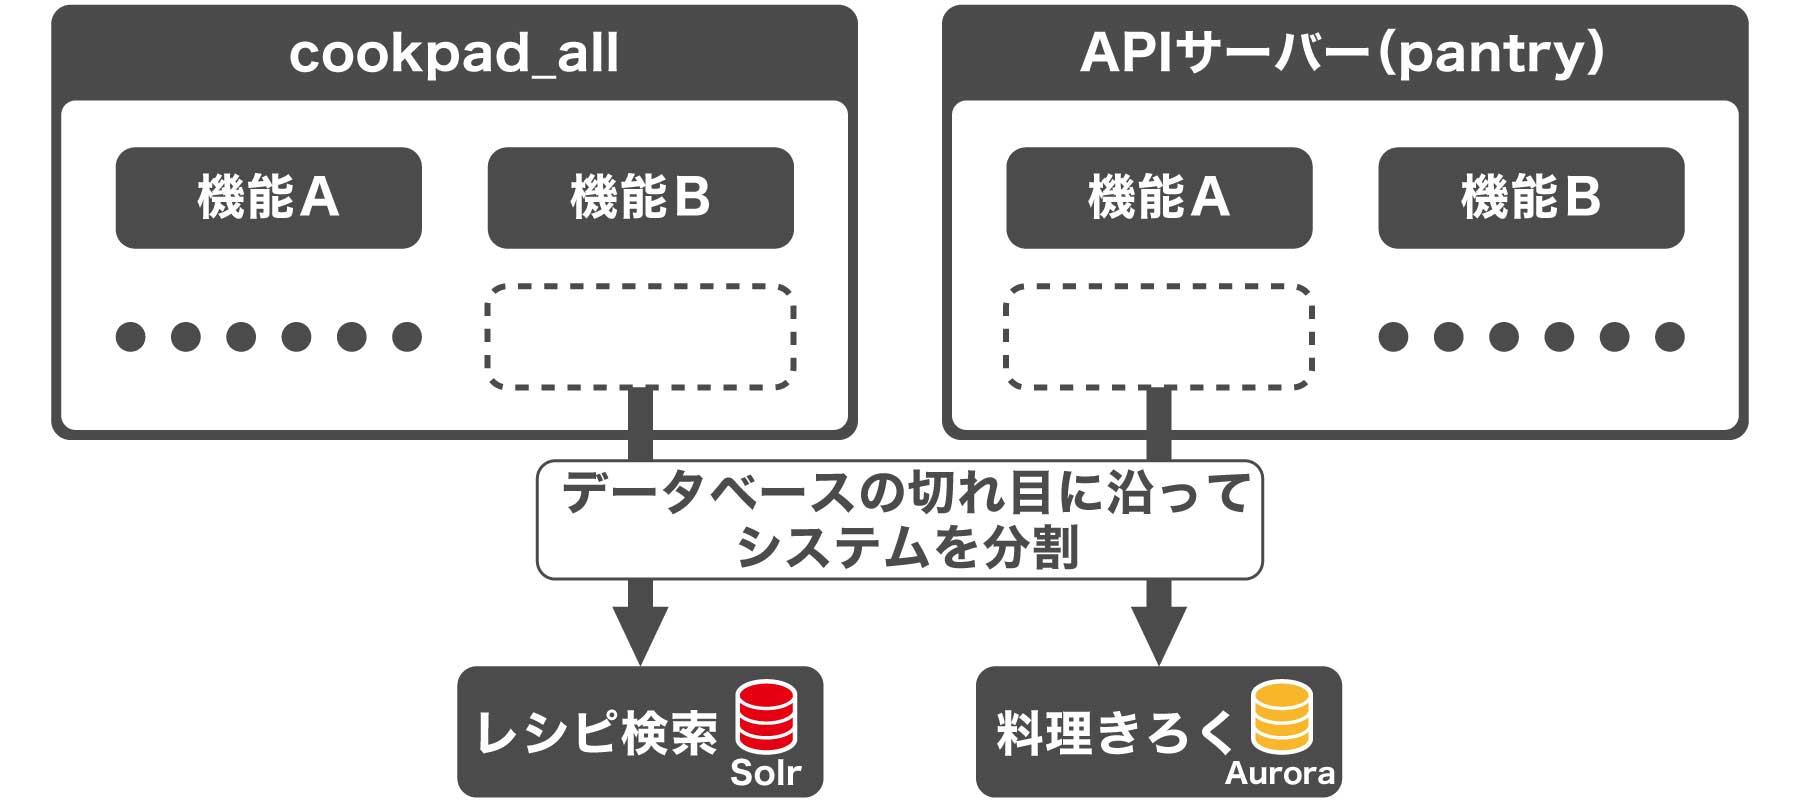 クックパッドのマイクロサービス化図版3